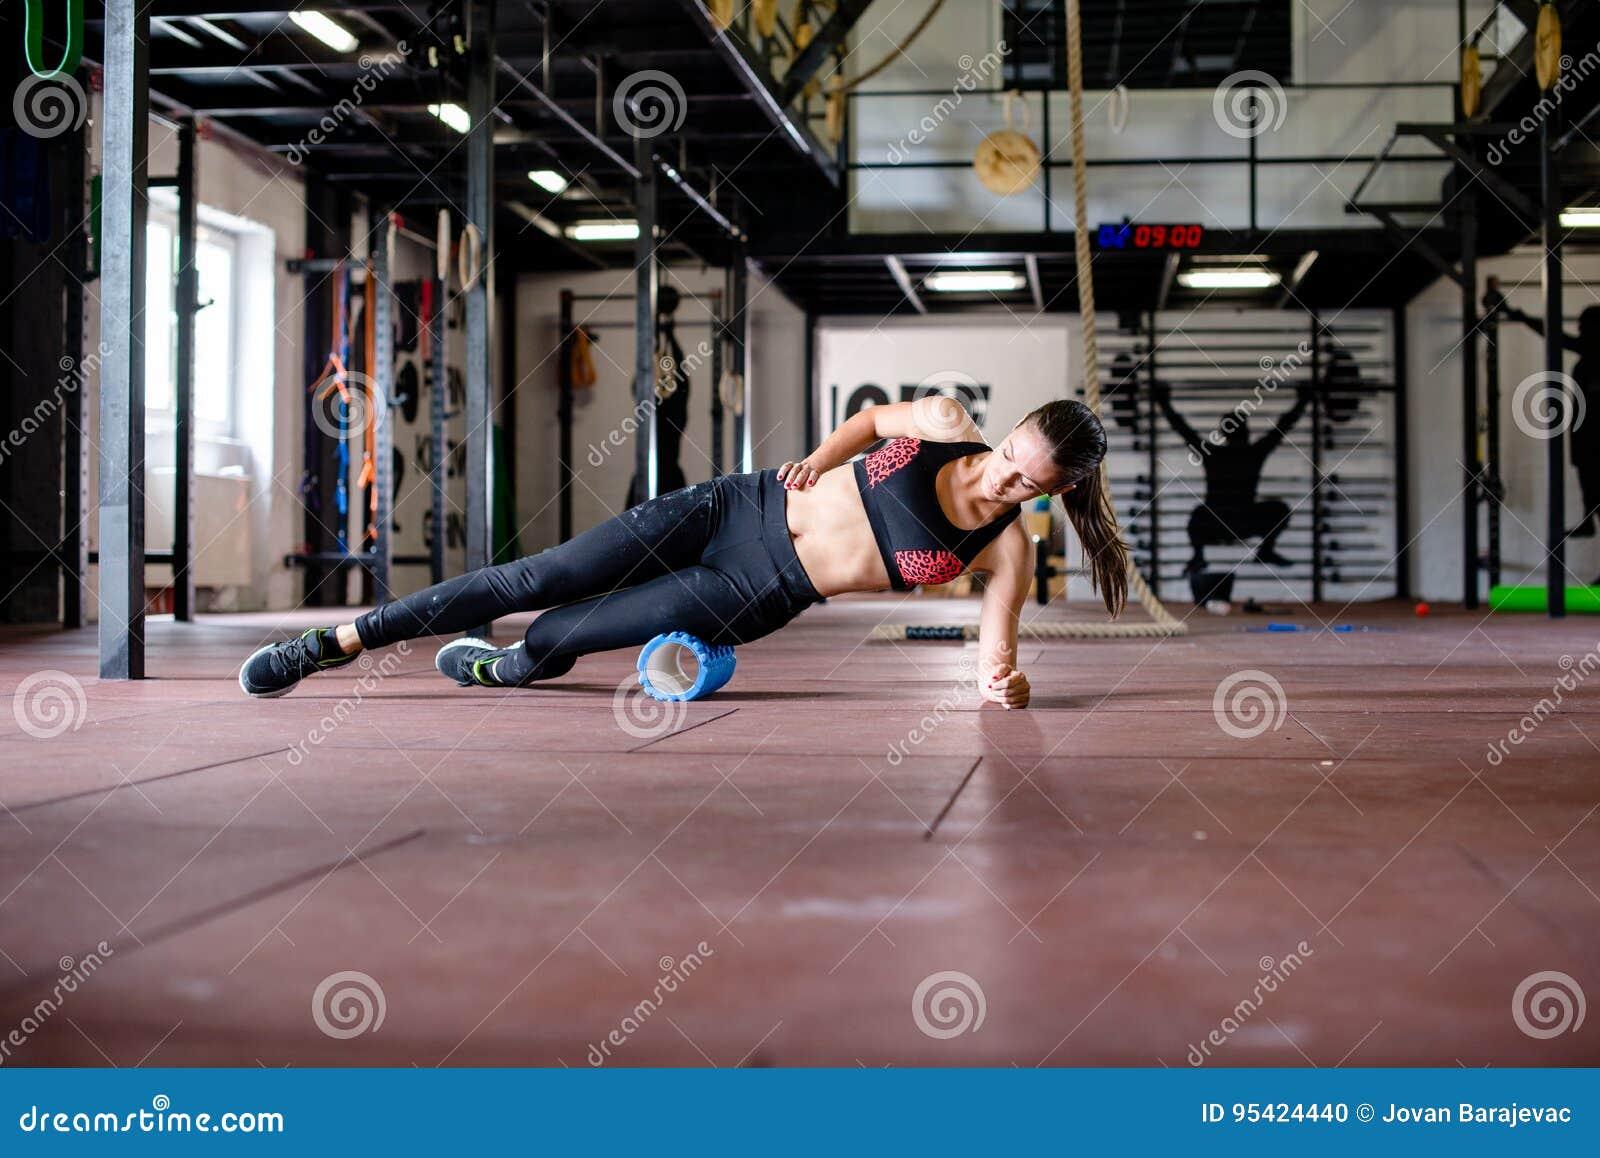 Mädchen trainiert auf Turnhallenboden